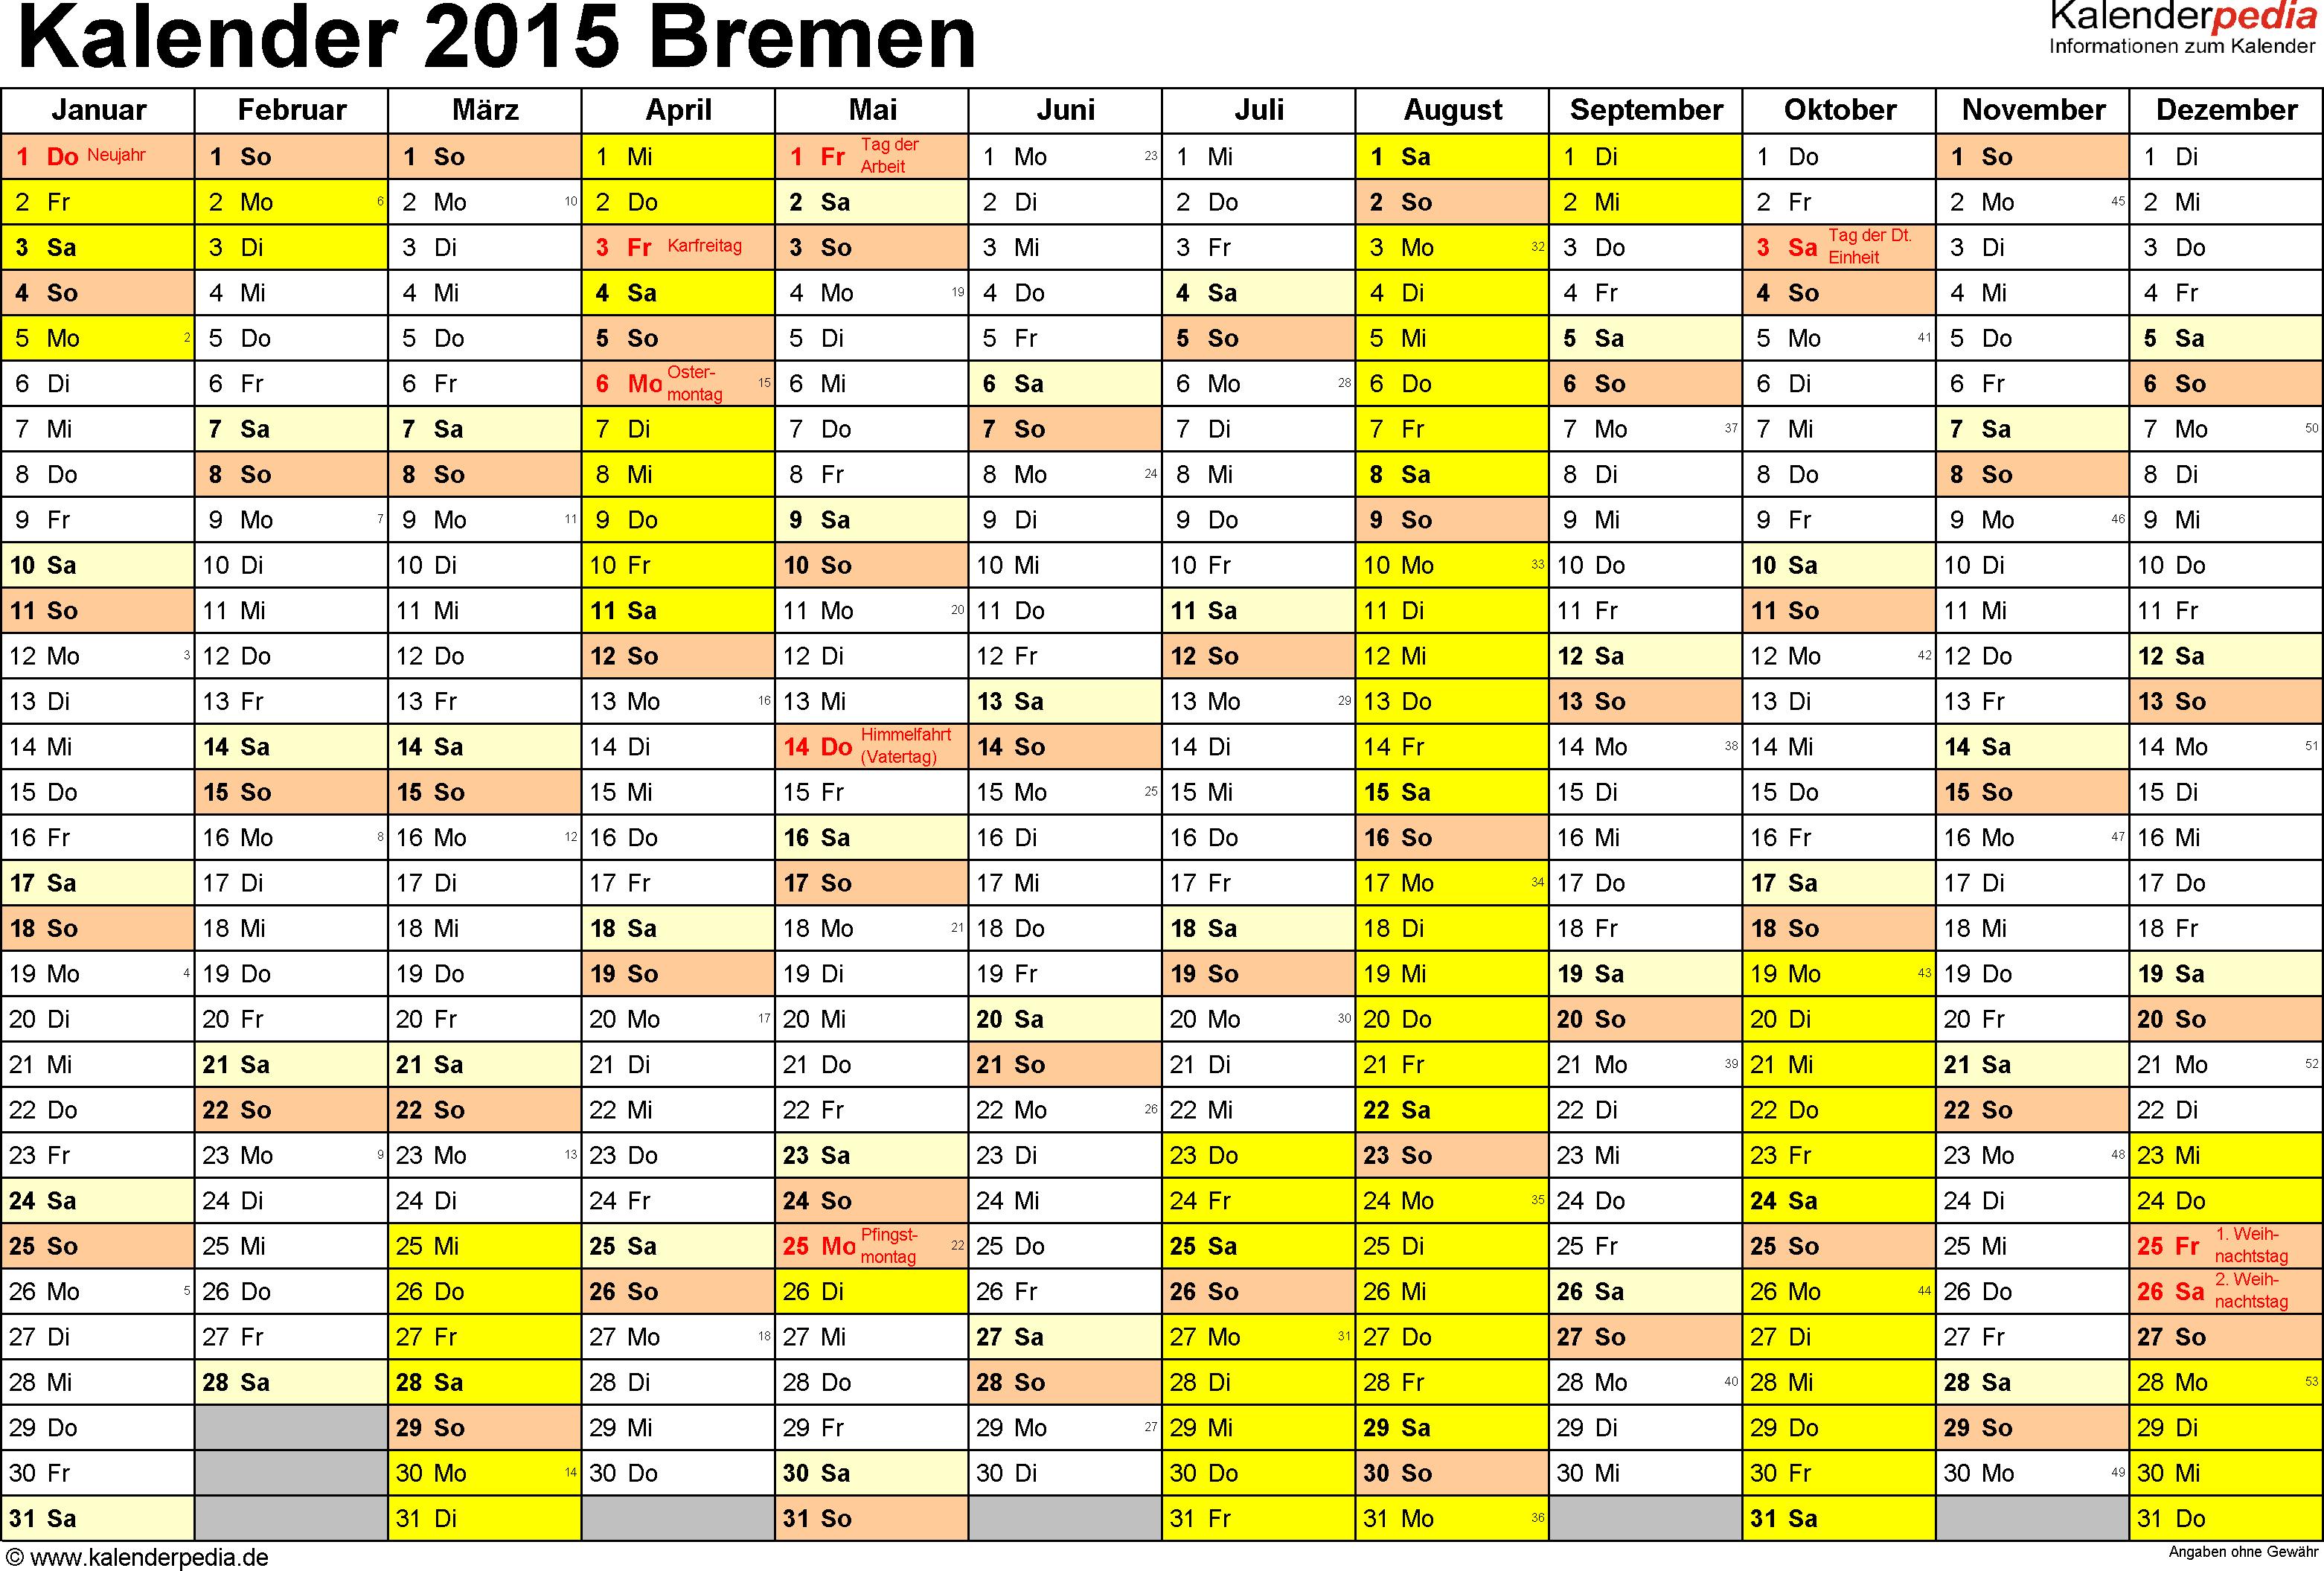 Vorlage 1: Kalender 2015 für Bremen als Excel-Vorlagen (Querformat, 1 Seite)